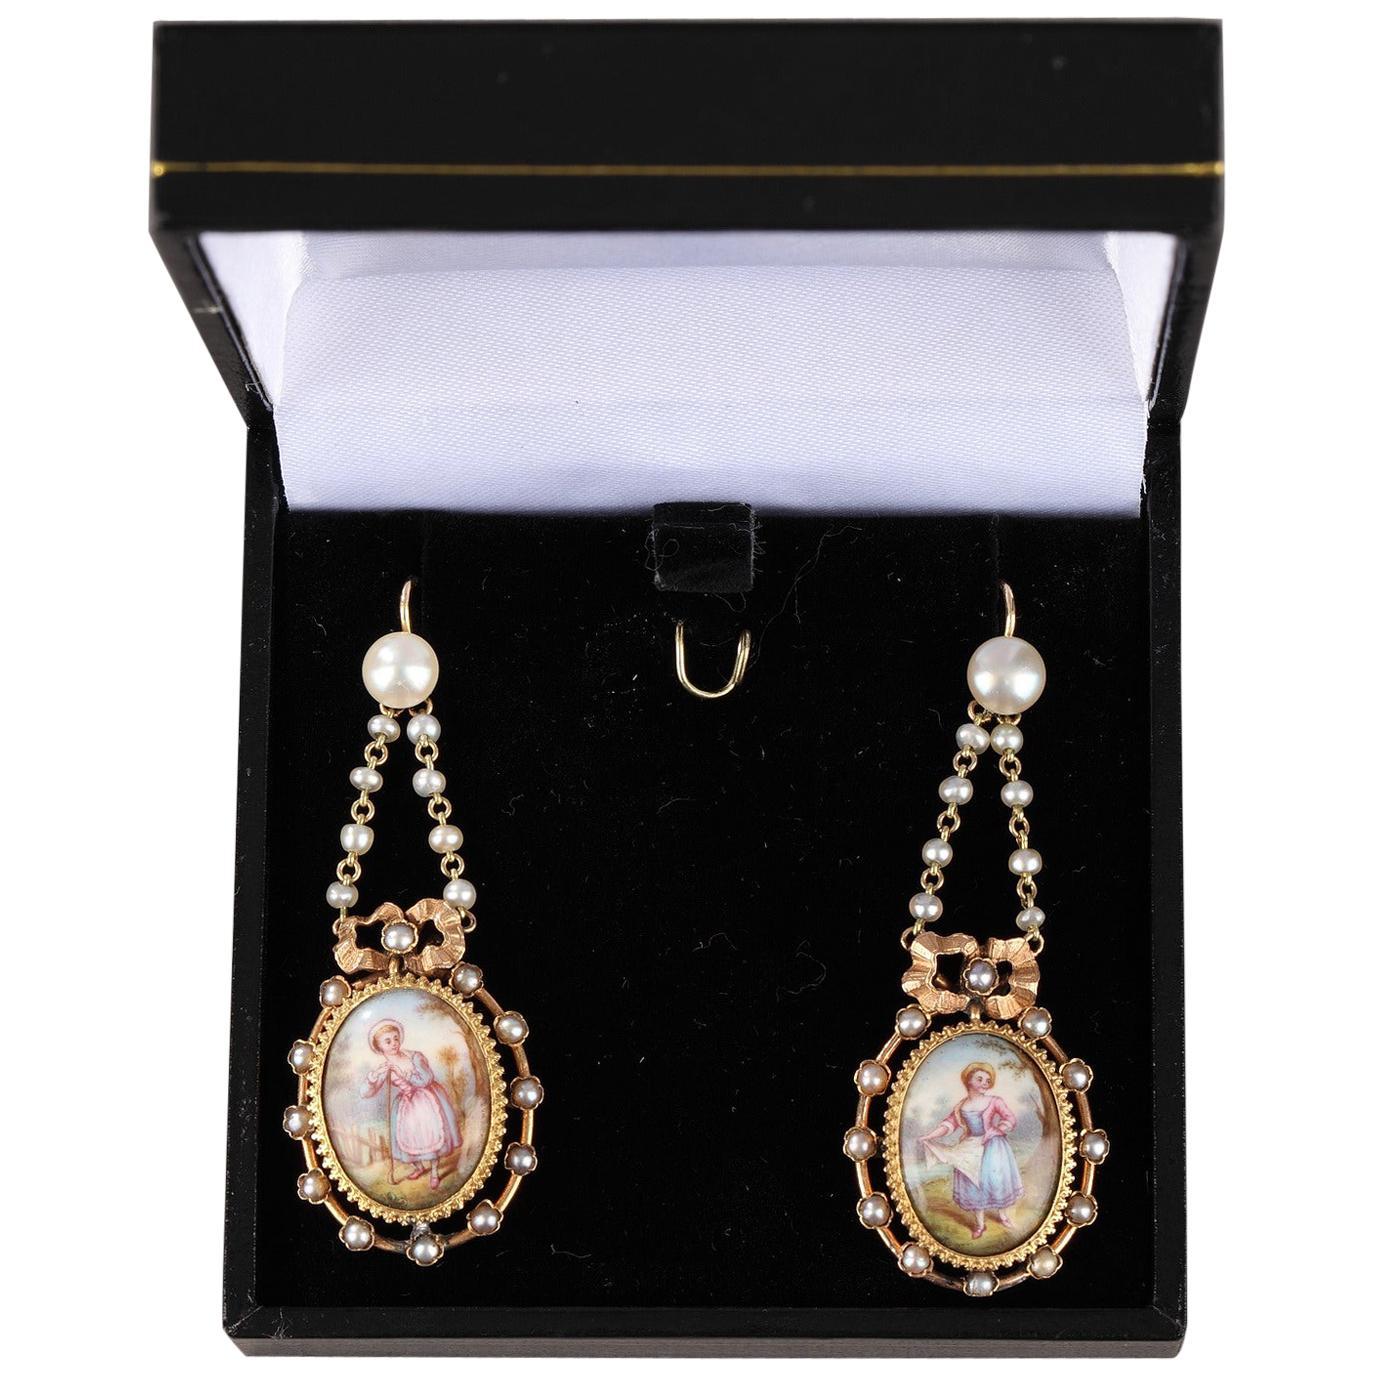 Pair of Gold Earrings, Napoleon III